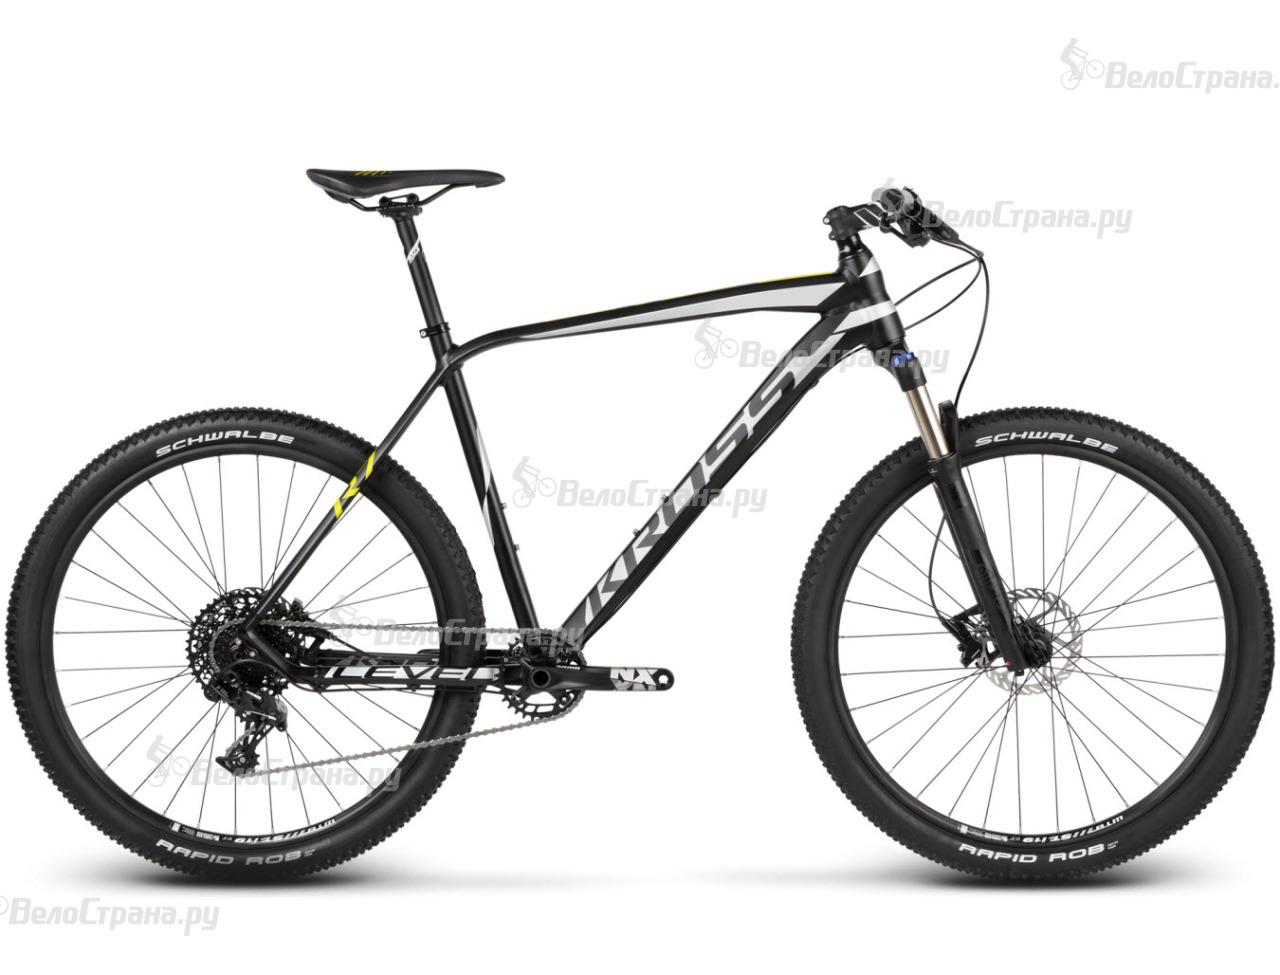 Велосипед Kross Level R7 (2017) велосипед kross level r7 2015